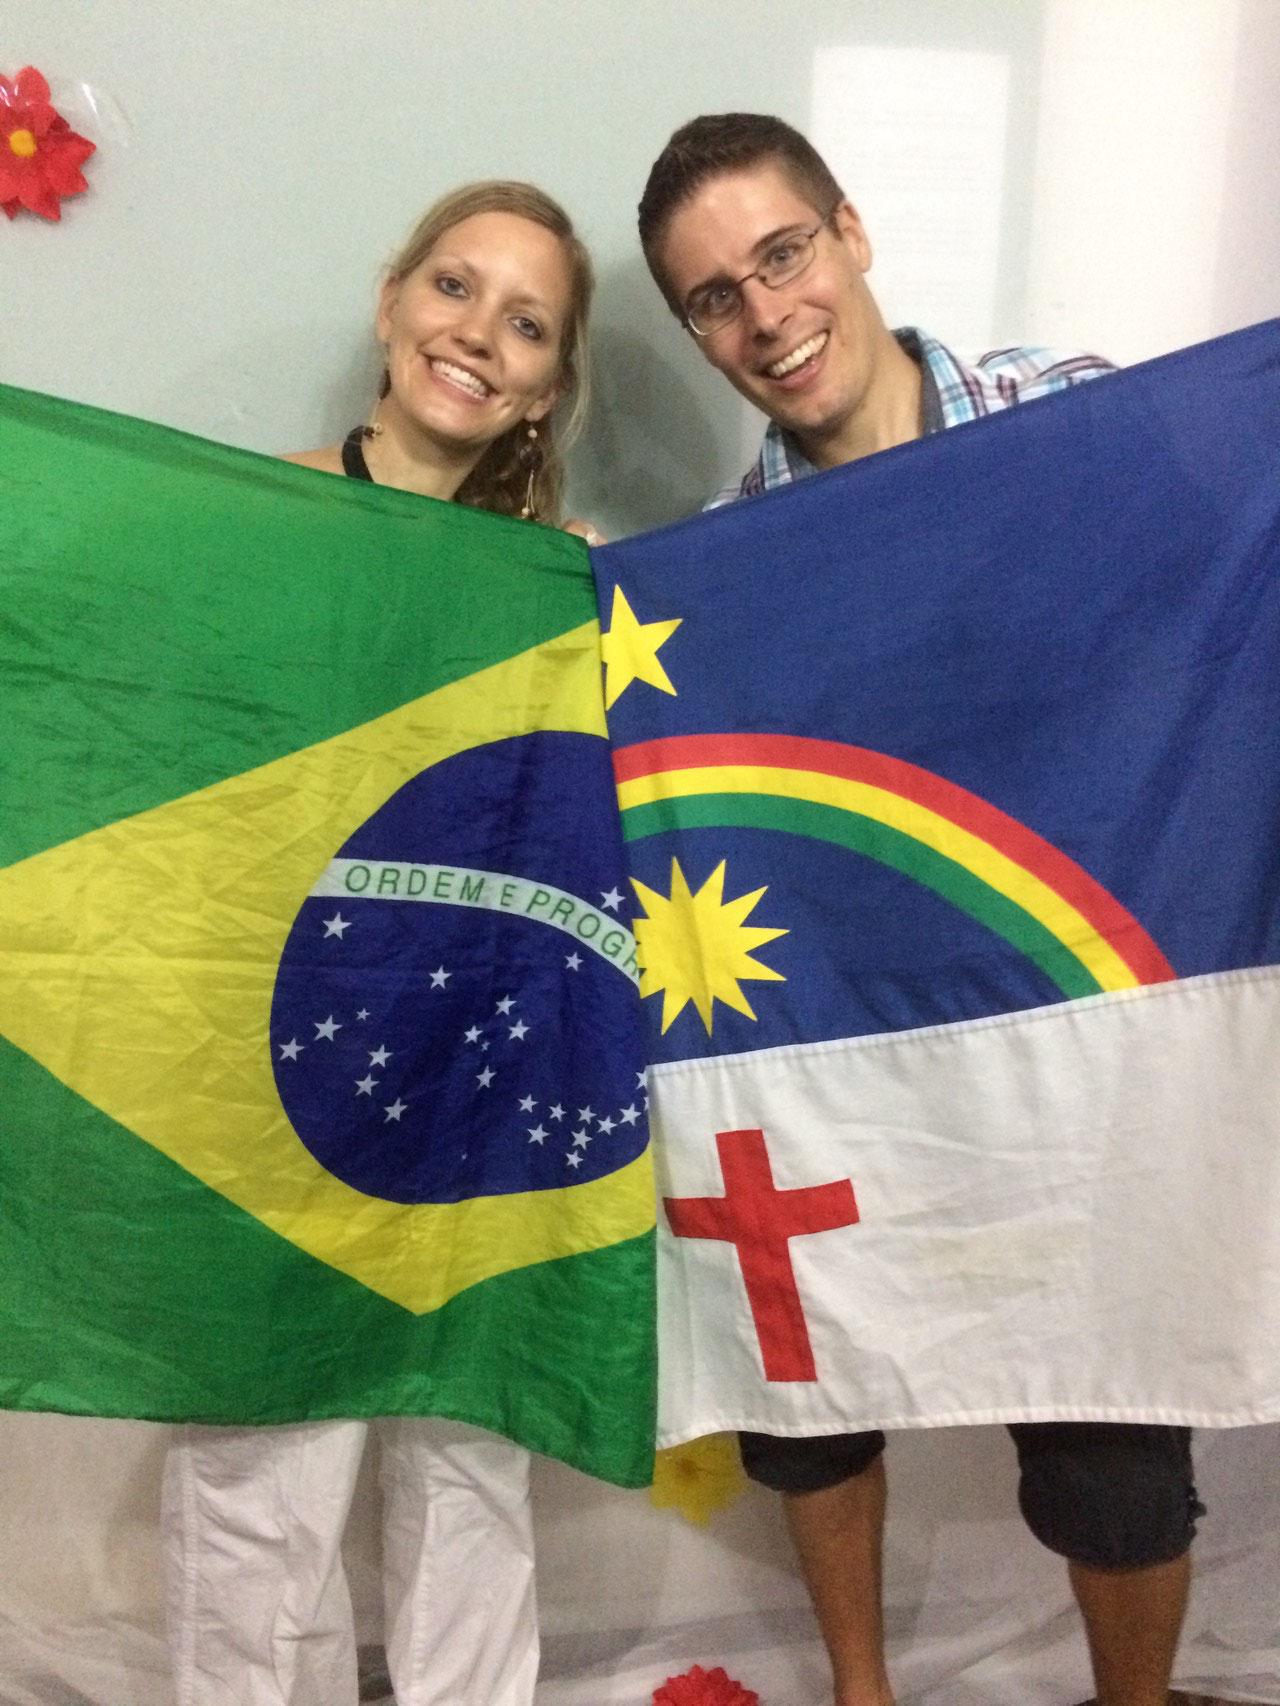 Ready für unseren Outreach in Recife im Bundestaat Pernambuco (rechte Fahne)